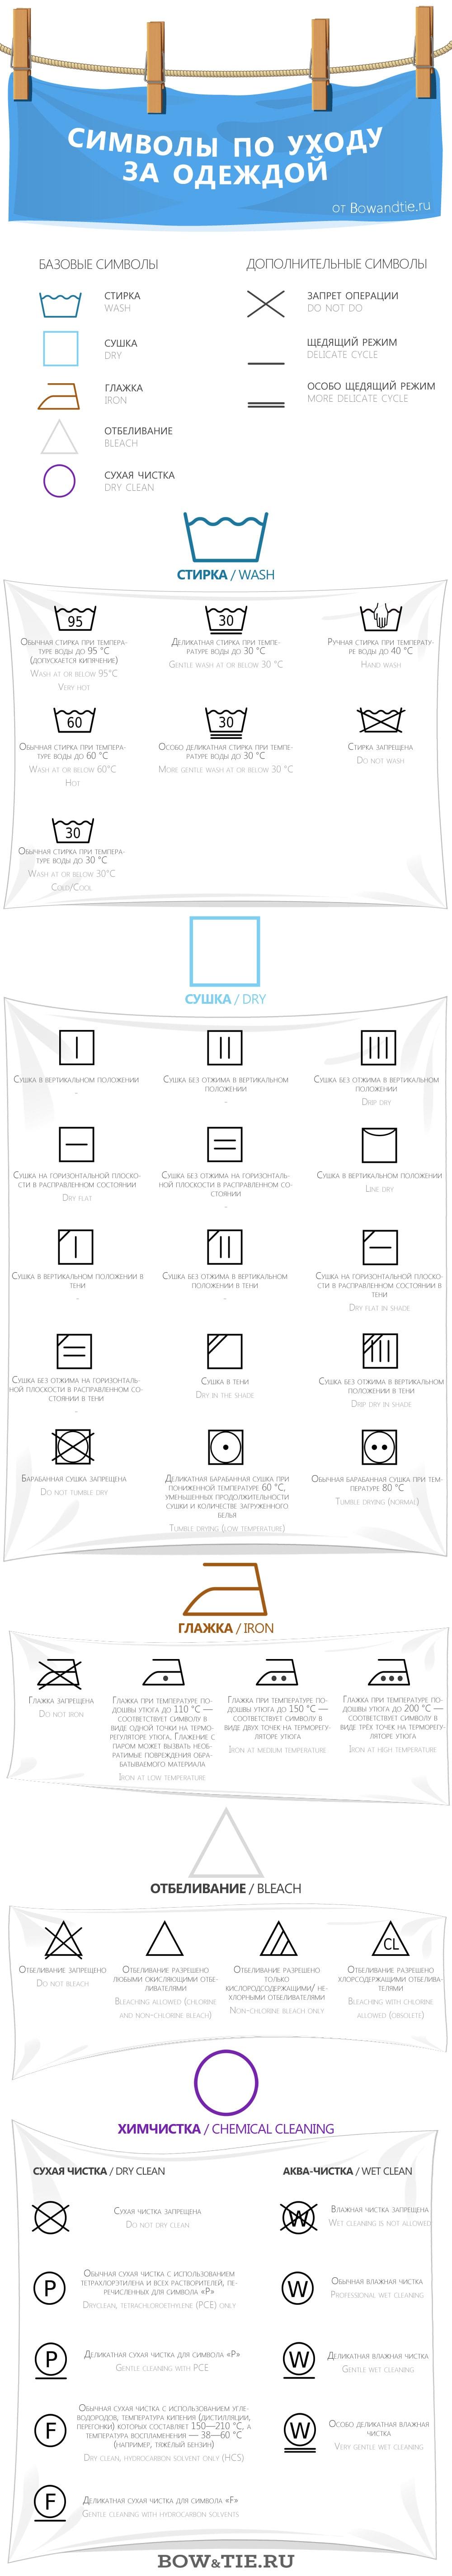 Символы по уходу за одеждой - значки для стирки – инфографика